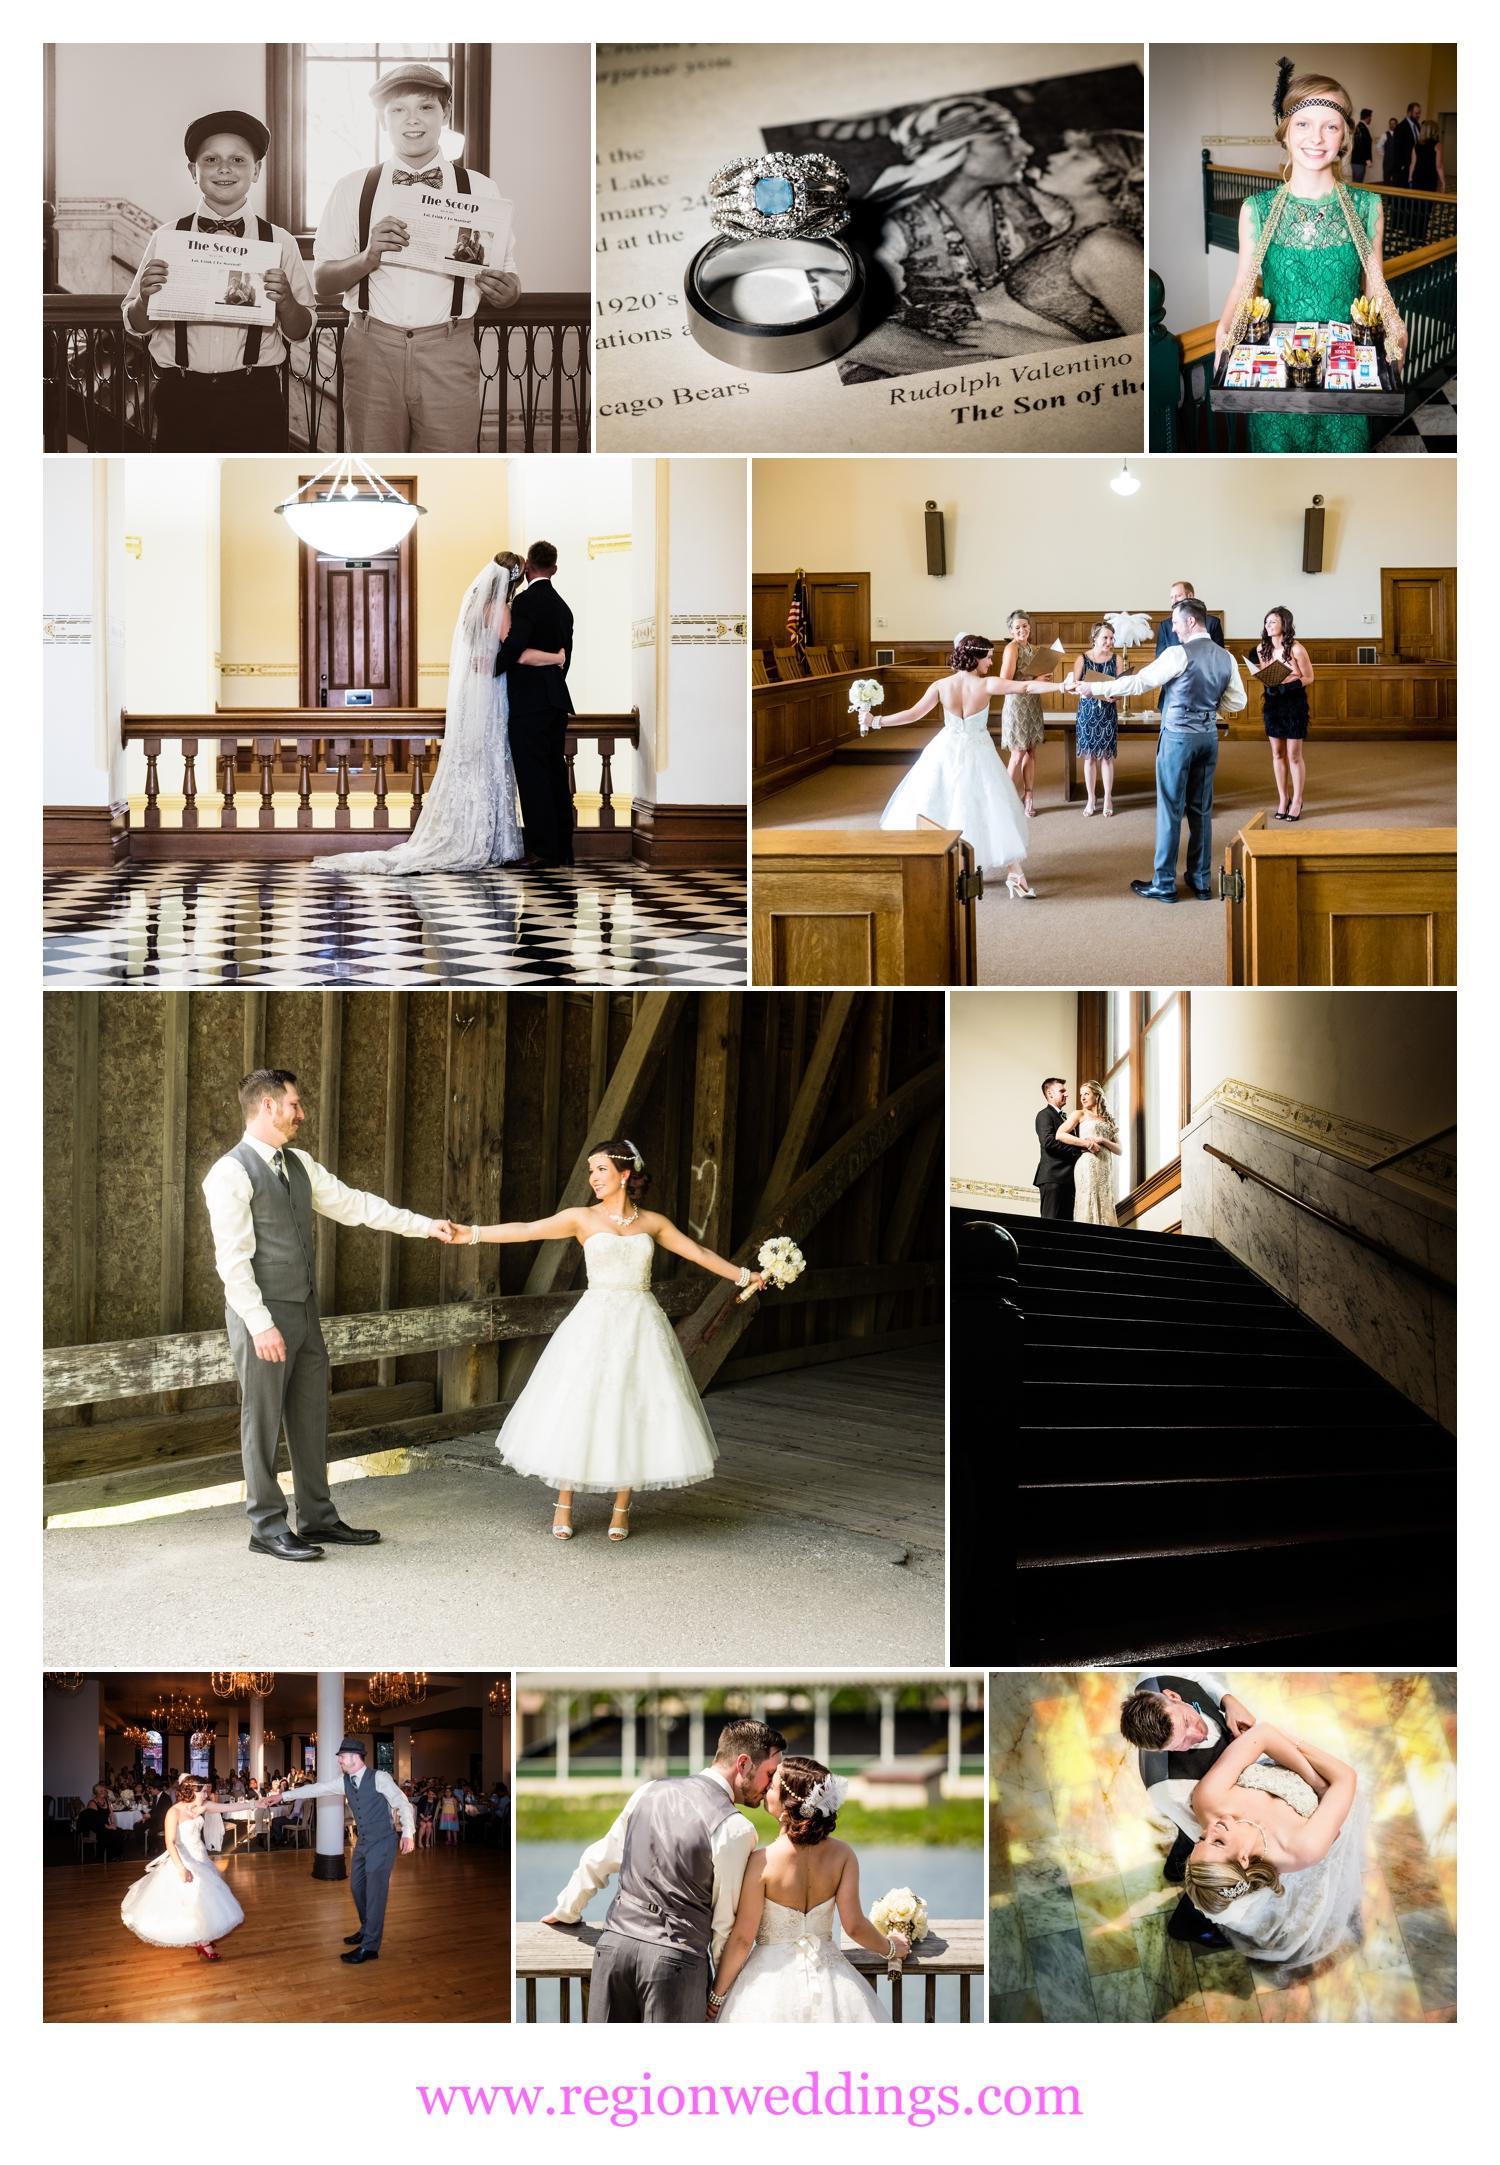 northwest-indiana-wedding-photography-collage2.jpg